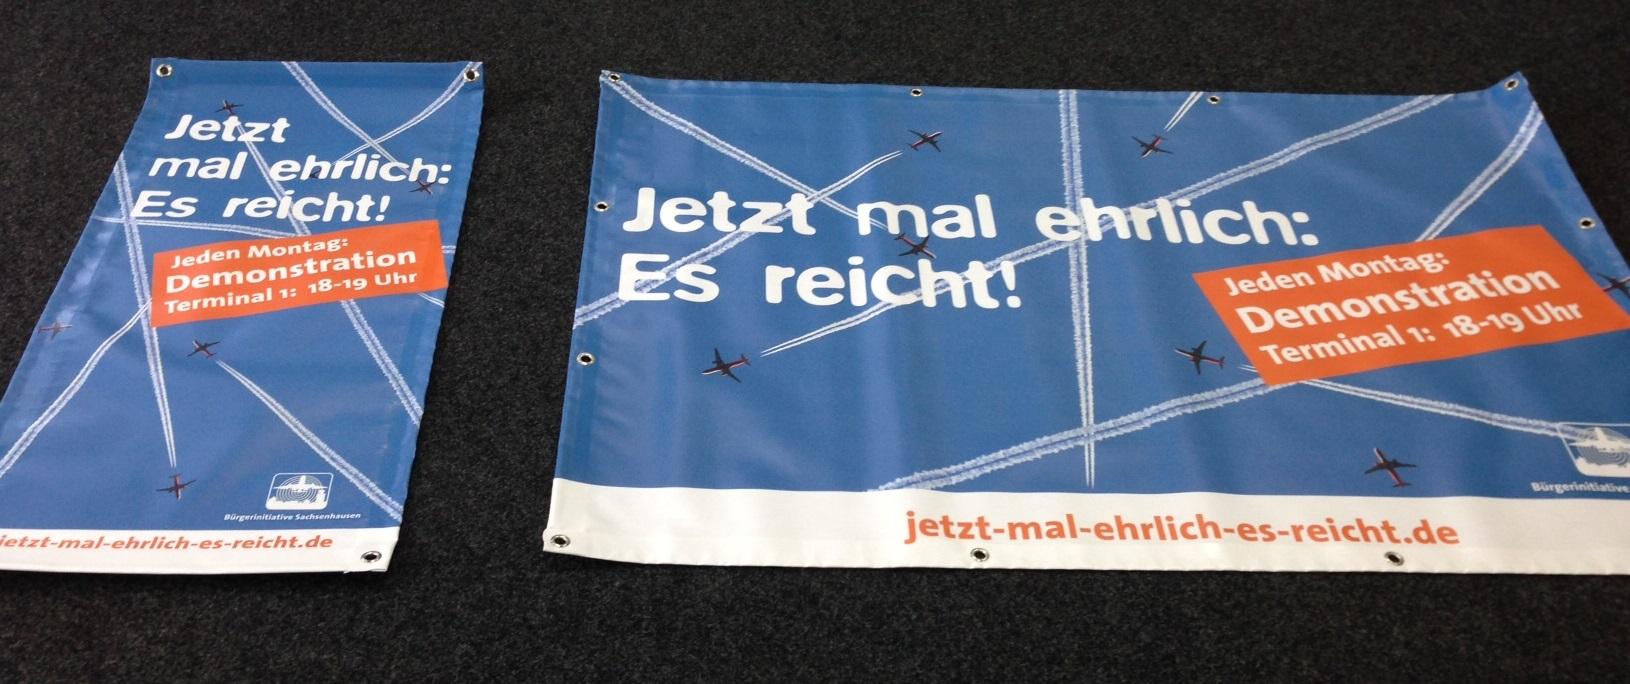 jetzt-mal-ehrlich-es-reicht-banner